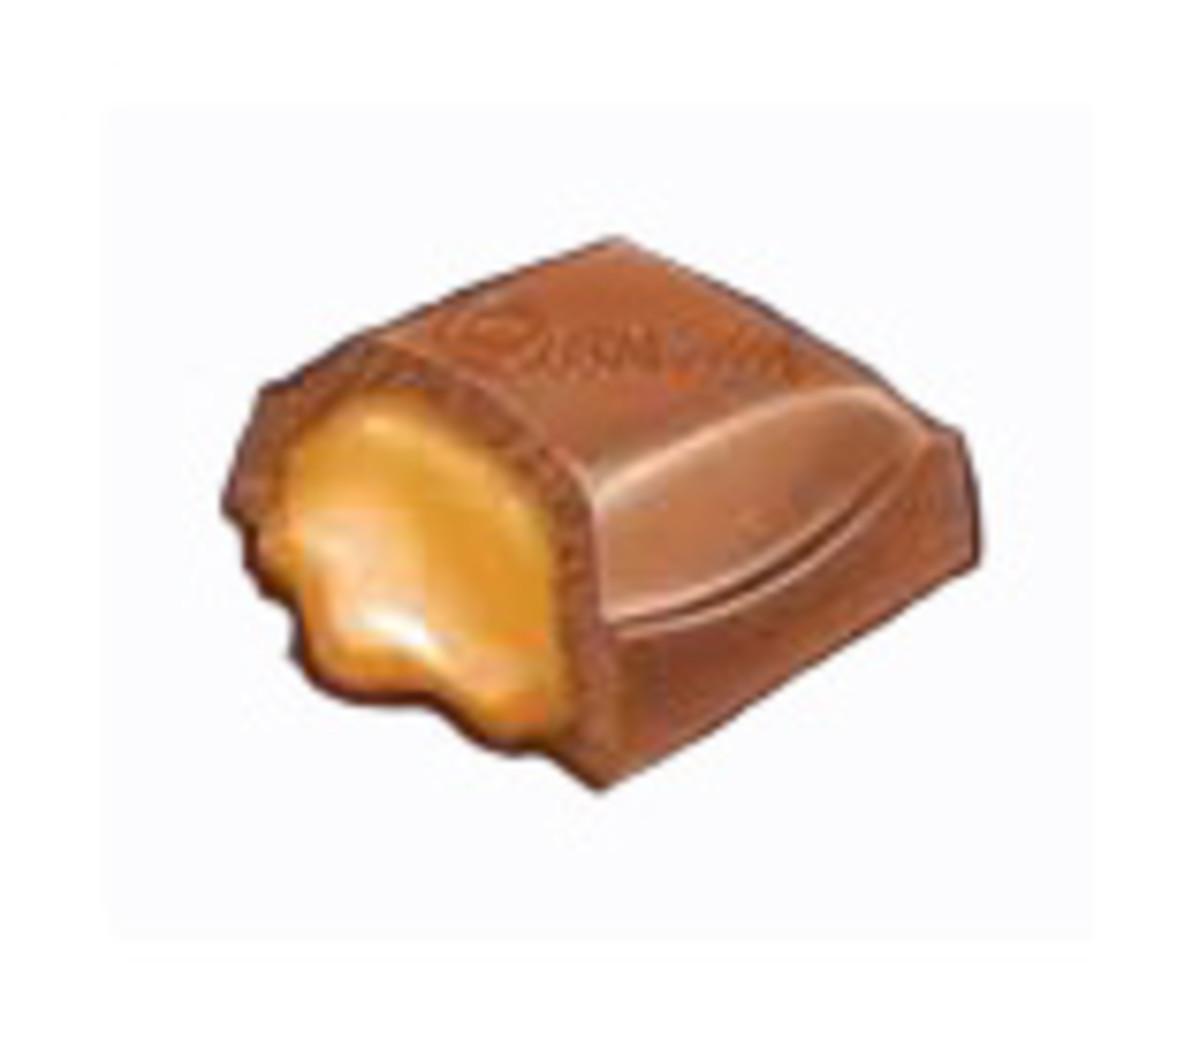 Cadbury's Caramilk - photo from wikimedia.commons.org